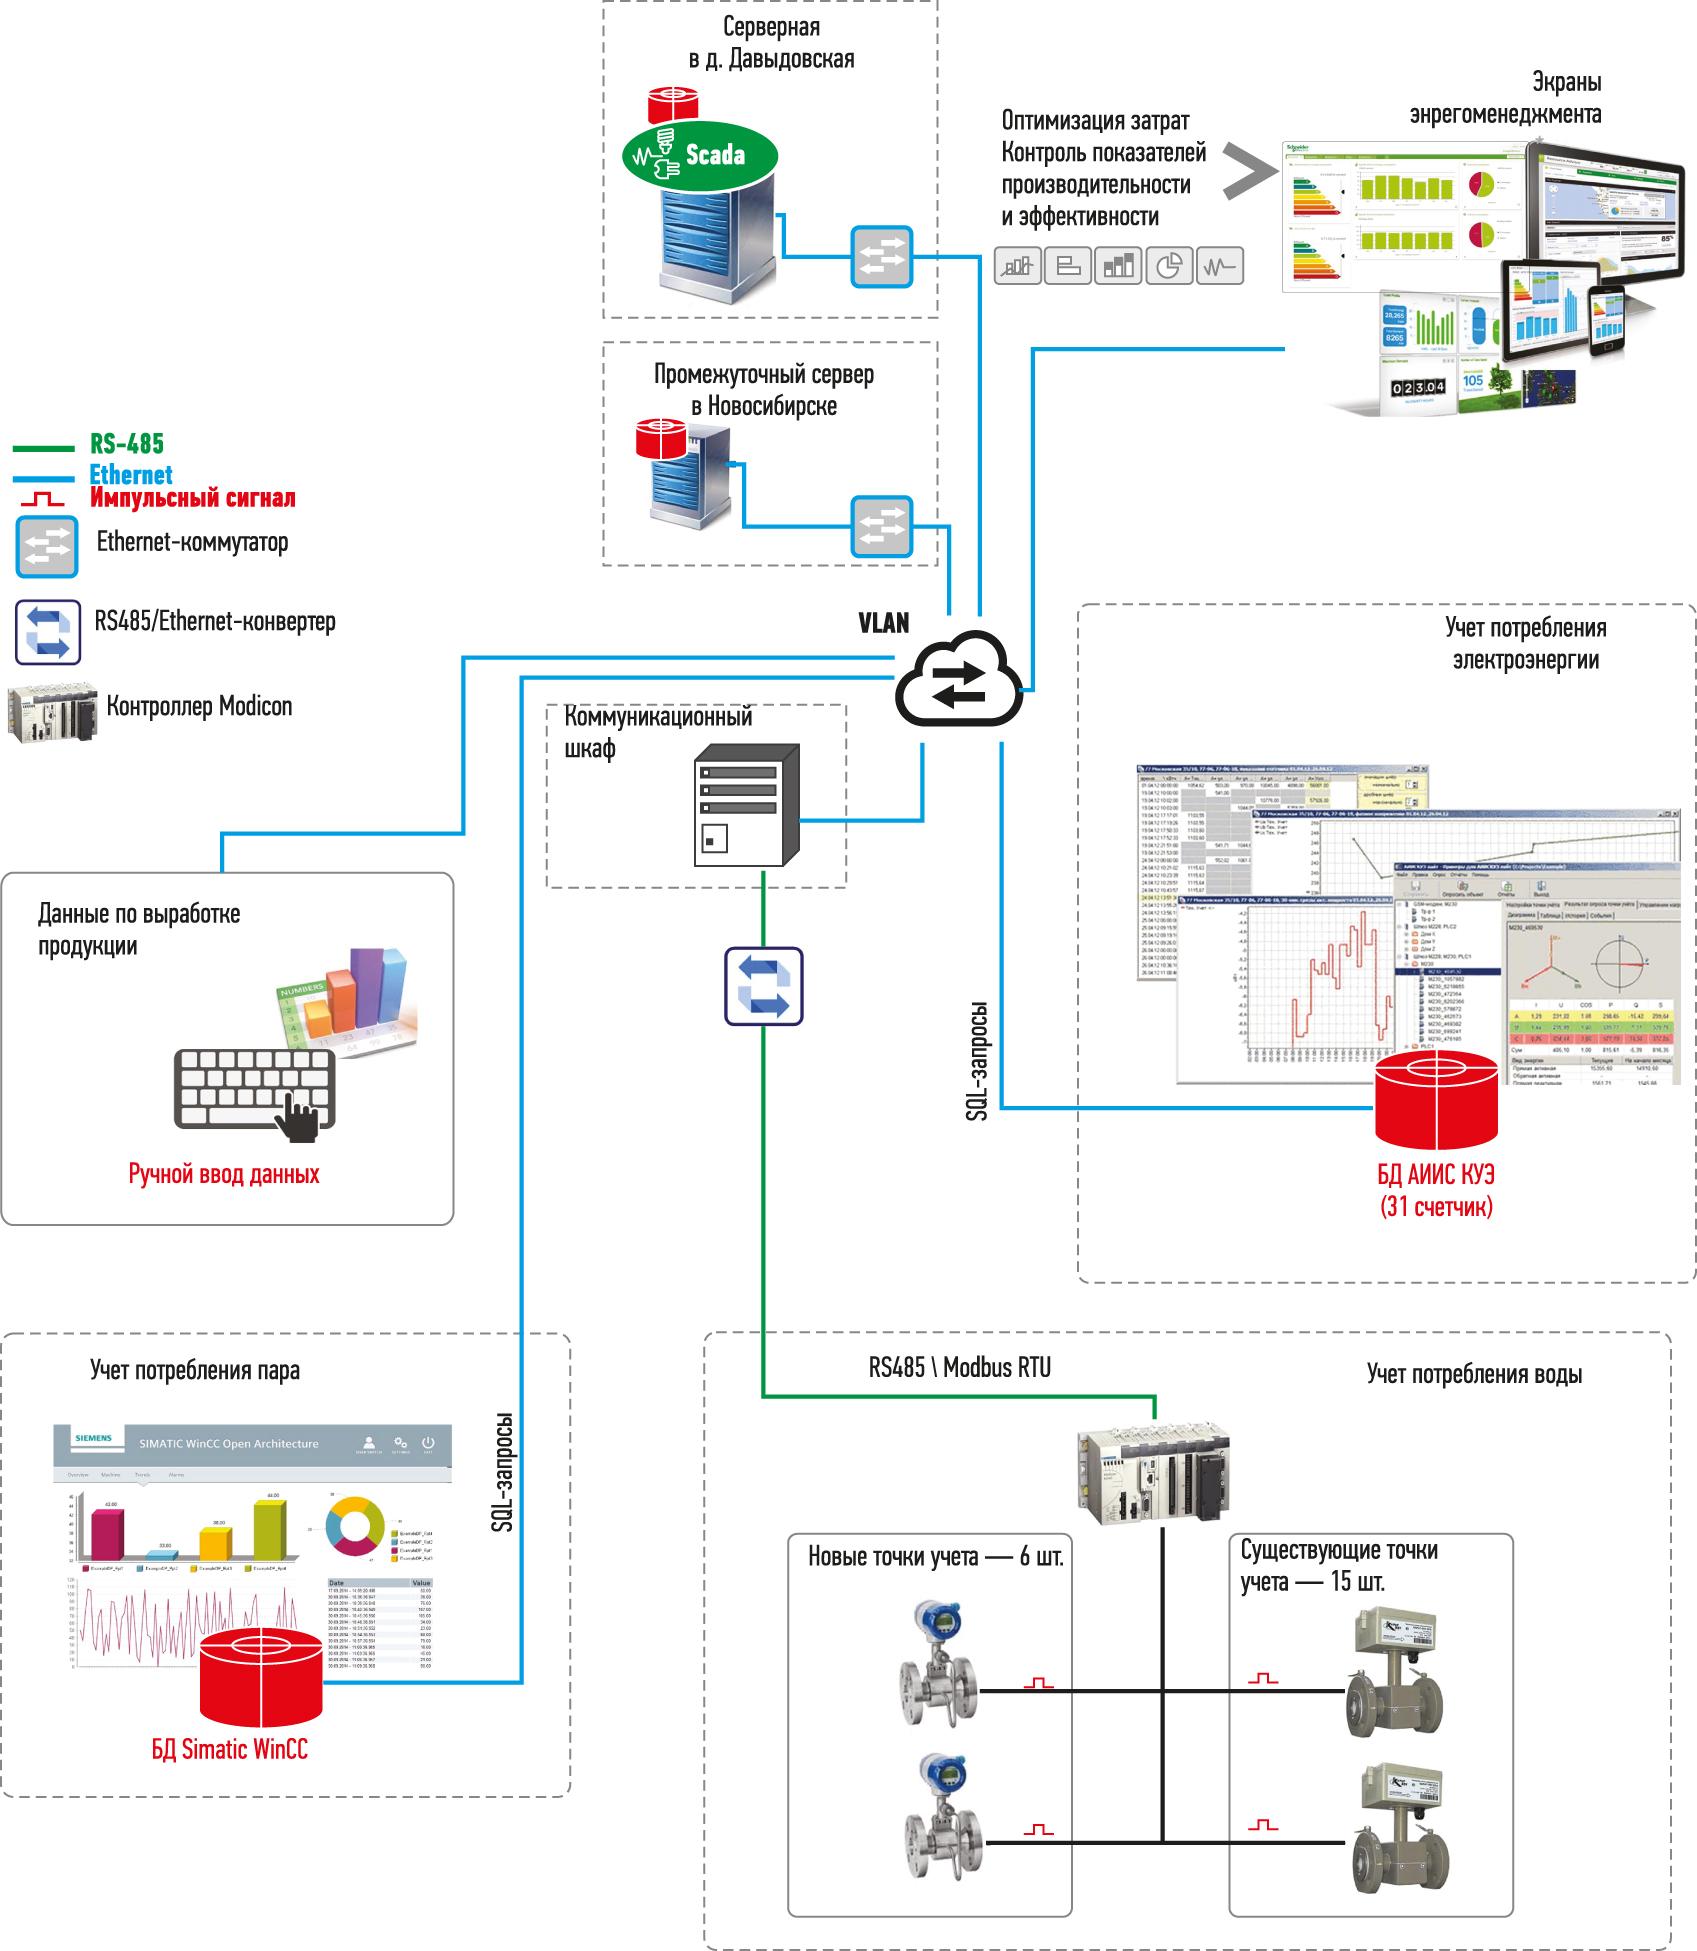 Структурная схема системы учета водо- и энергоресурсов